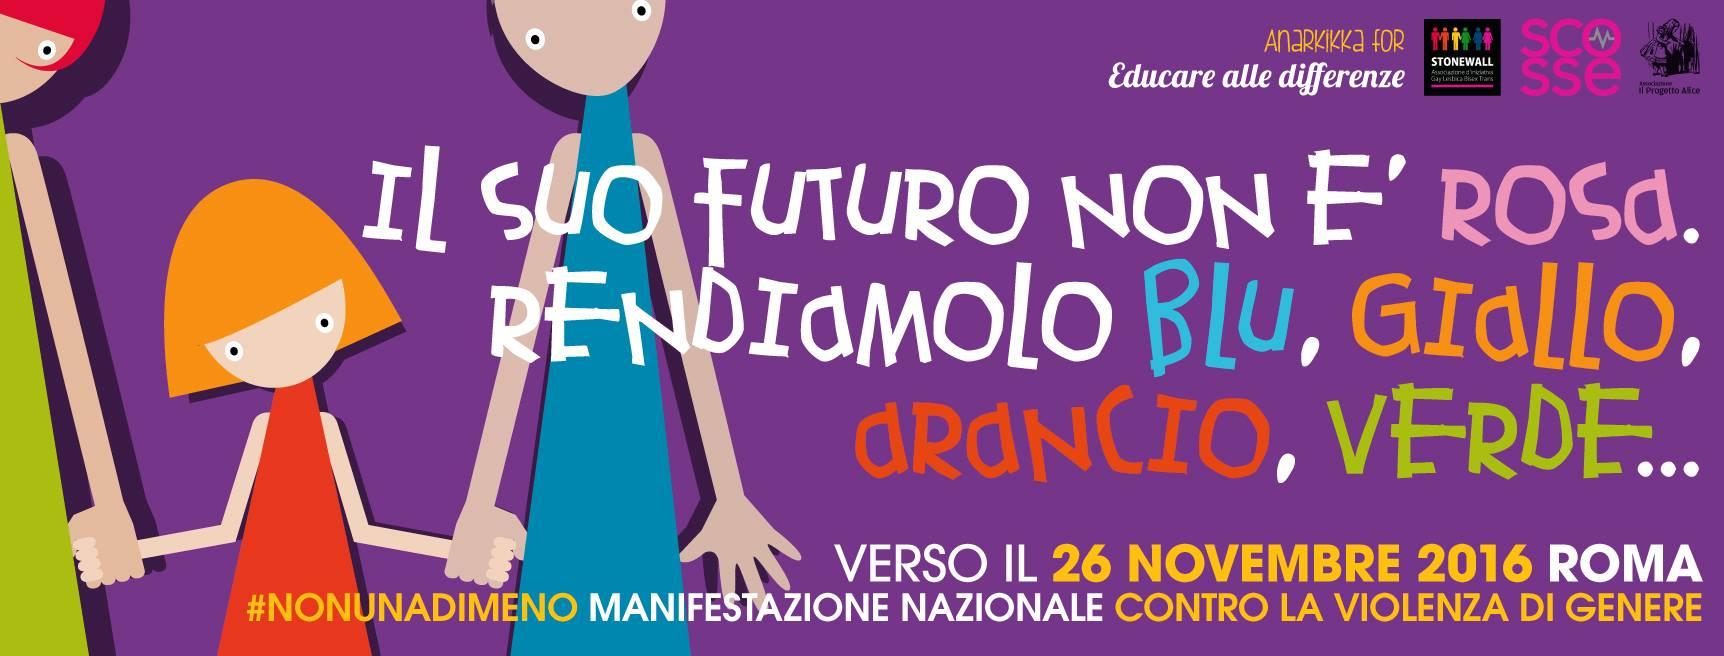 Manifestazione-26-novembre